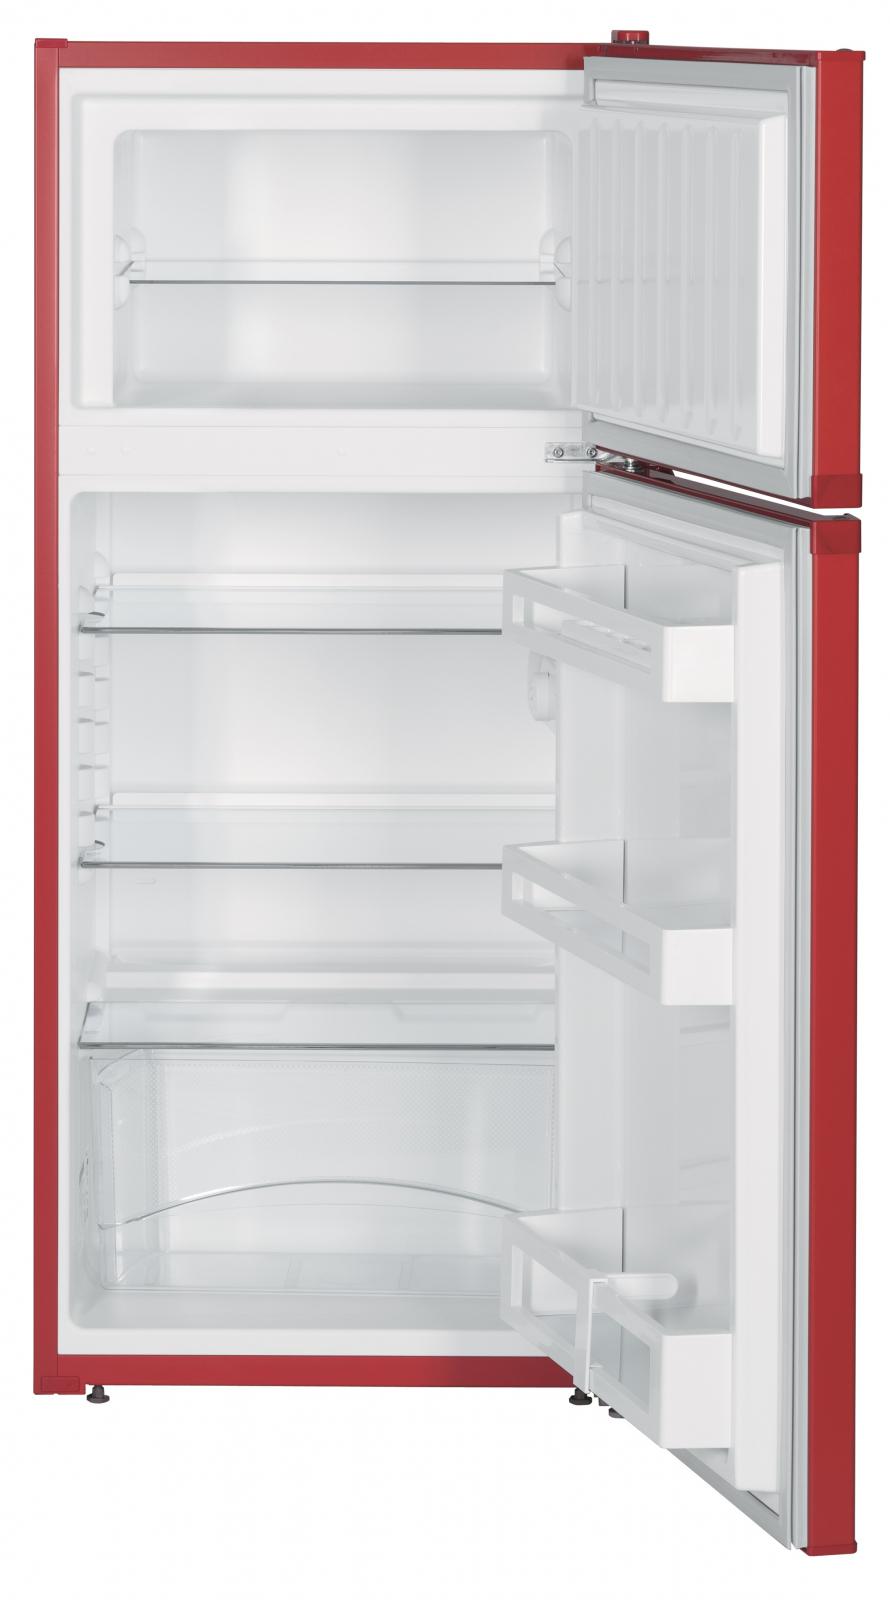 купить Двухкамерный холодильник Liebherr CTPfr 2121 Украина фото 3